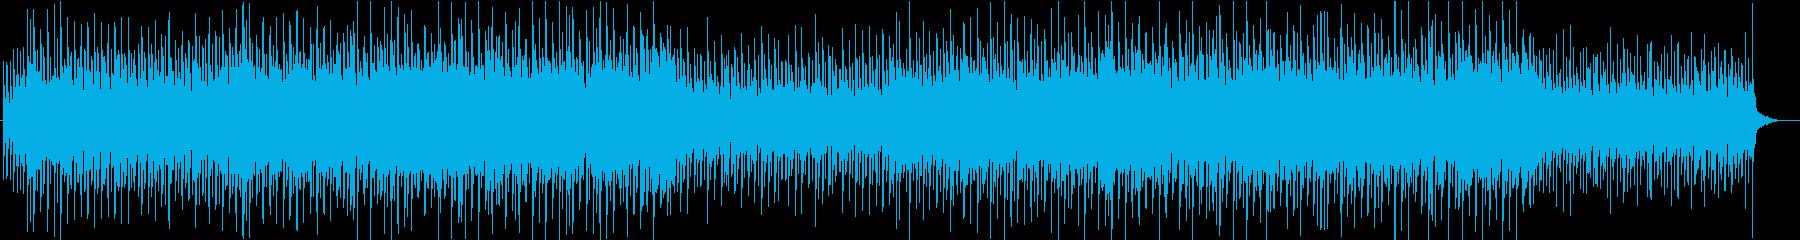 和風な三味線エレクトロの再生済みの波形